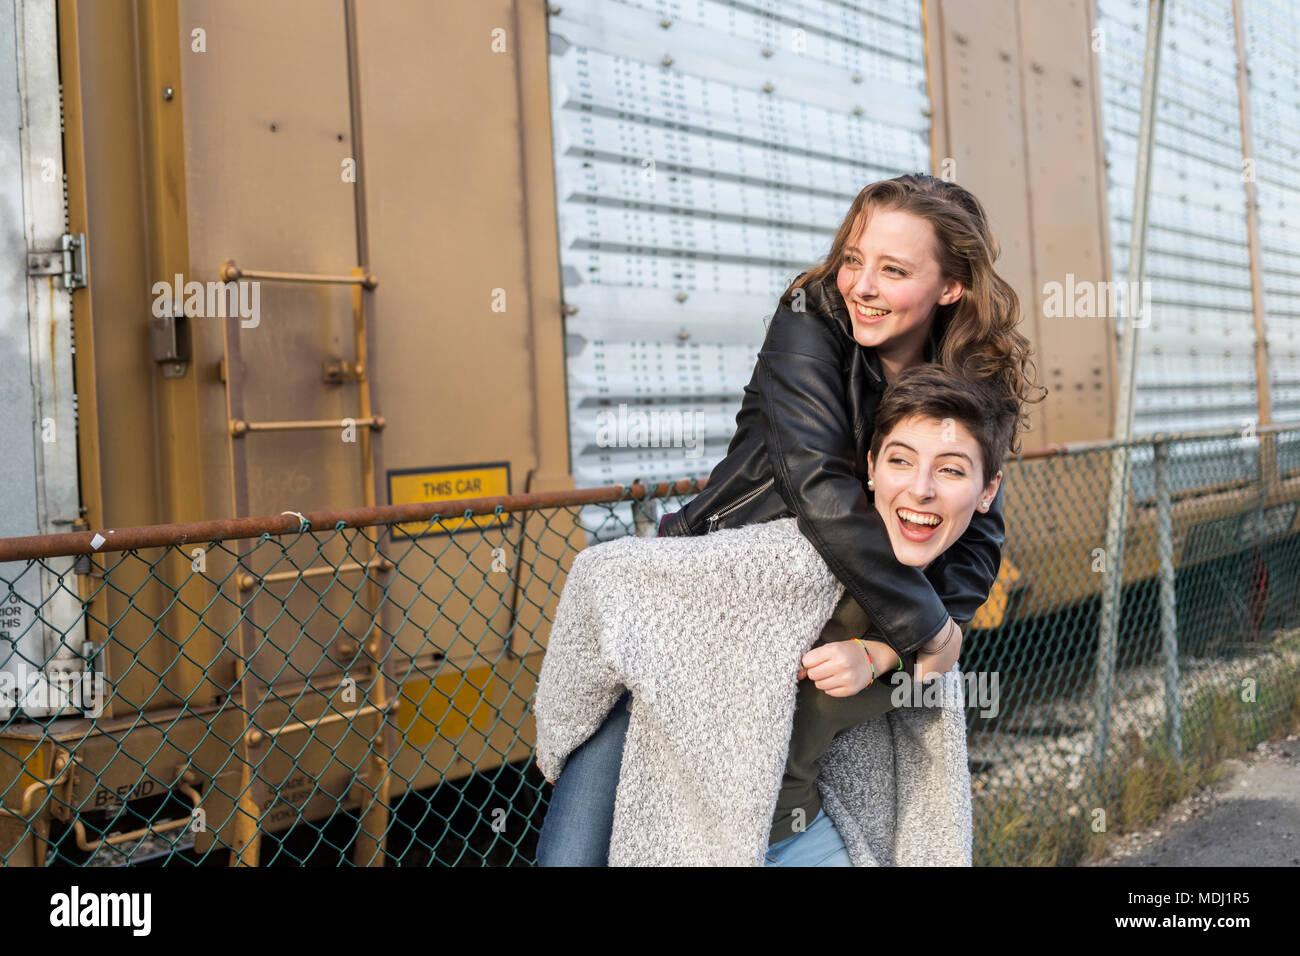 Dos mujeres jóvenes en una pose lúdica junto a un vagón de tren; New Westminster, British Columbia, Canadá Imagen De Stock